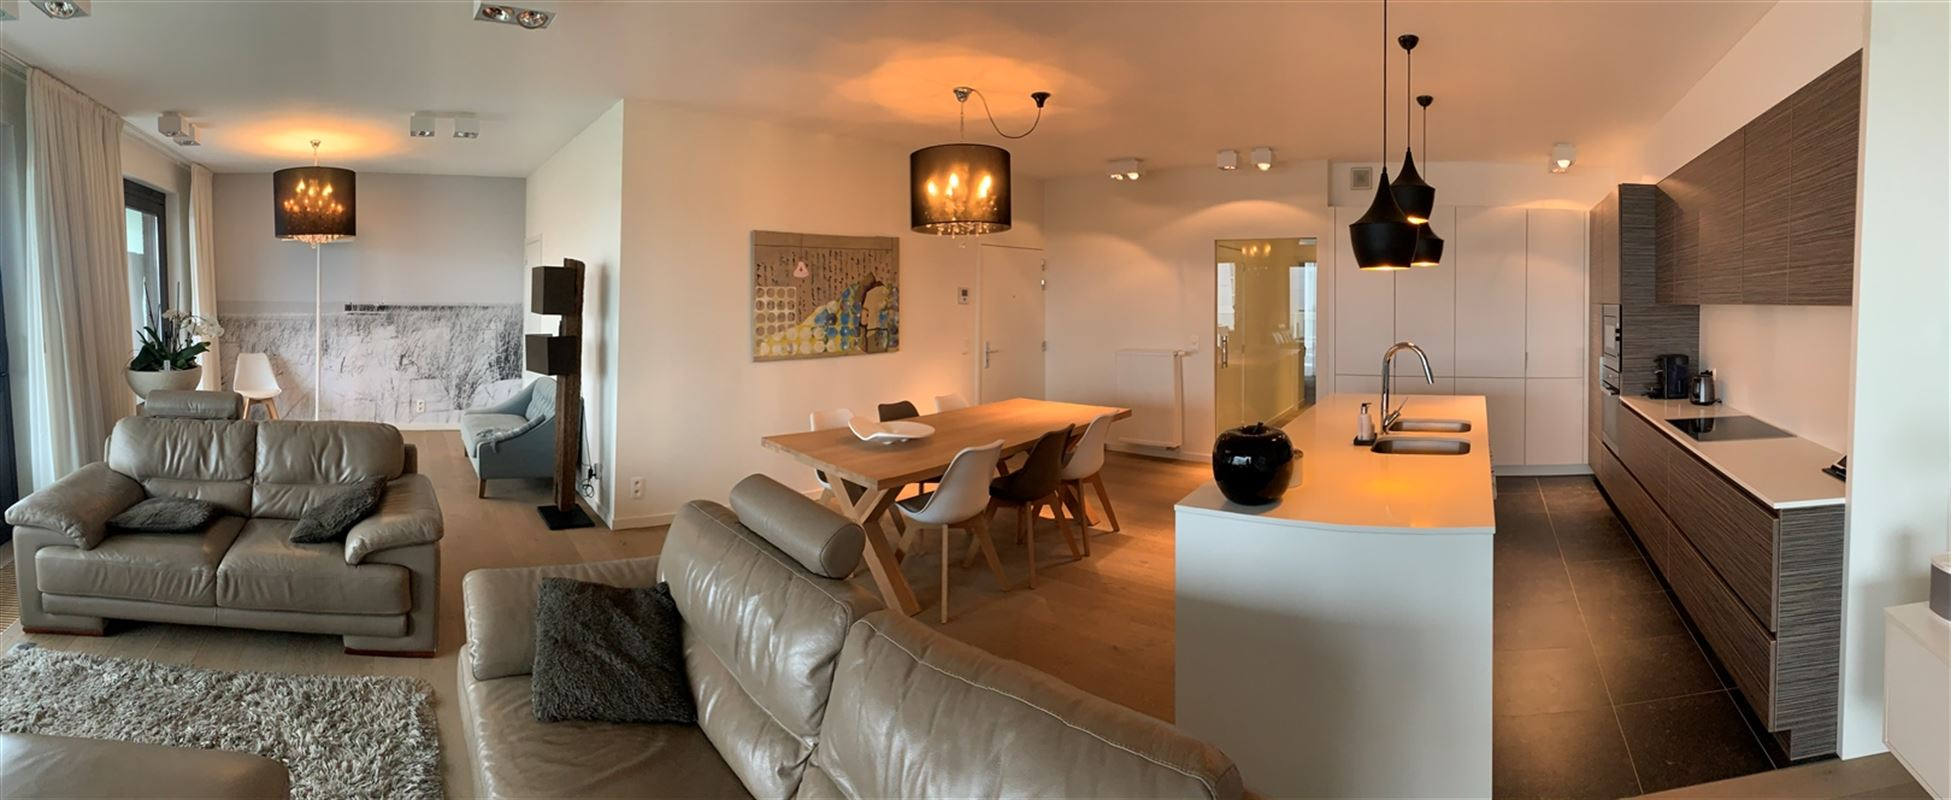 Foto 21 : Appartement te 8620 NIEUWPOORT (België) - Prijs € 650.000